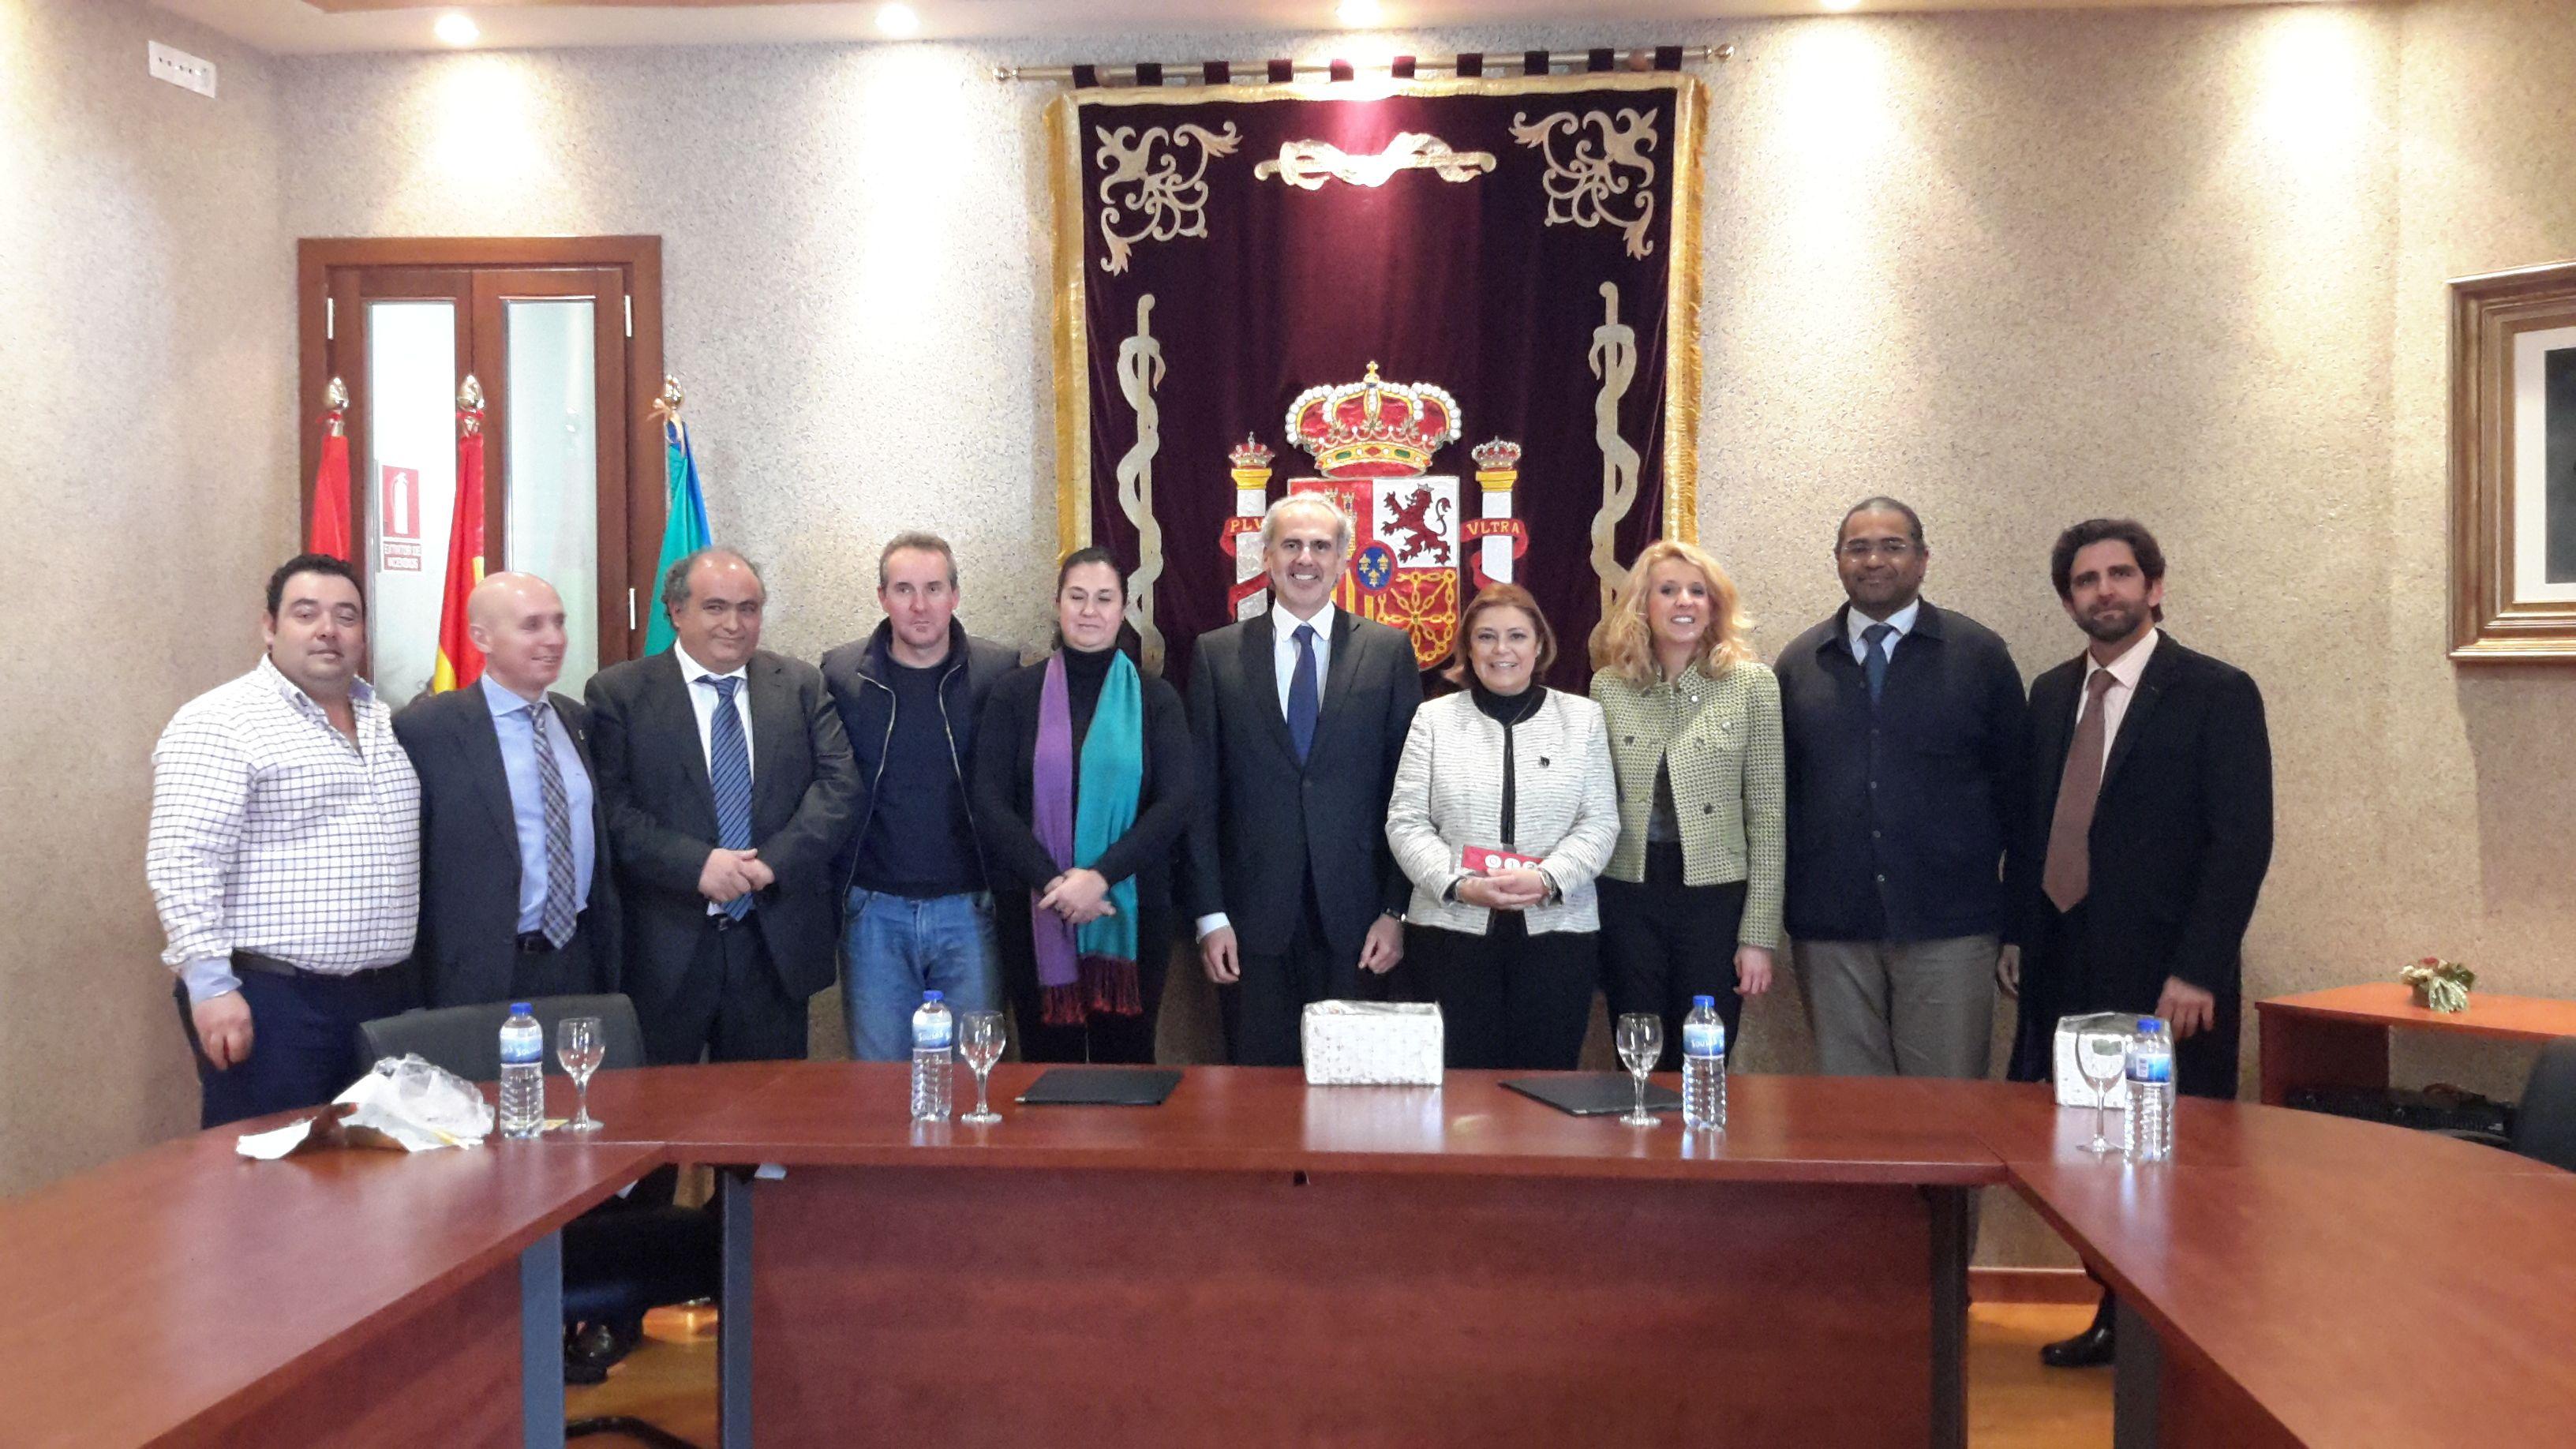 La comunidad extiende su red de oficinas de atenci n al for Oficina de atencion al ciudadano linea madrid